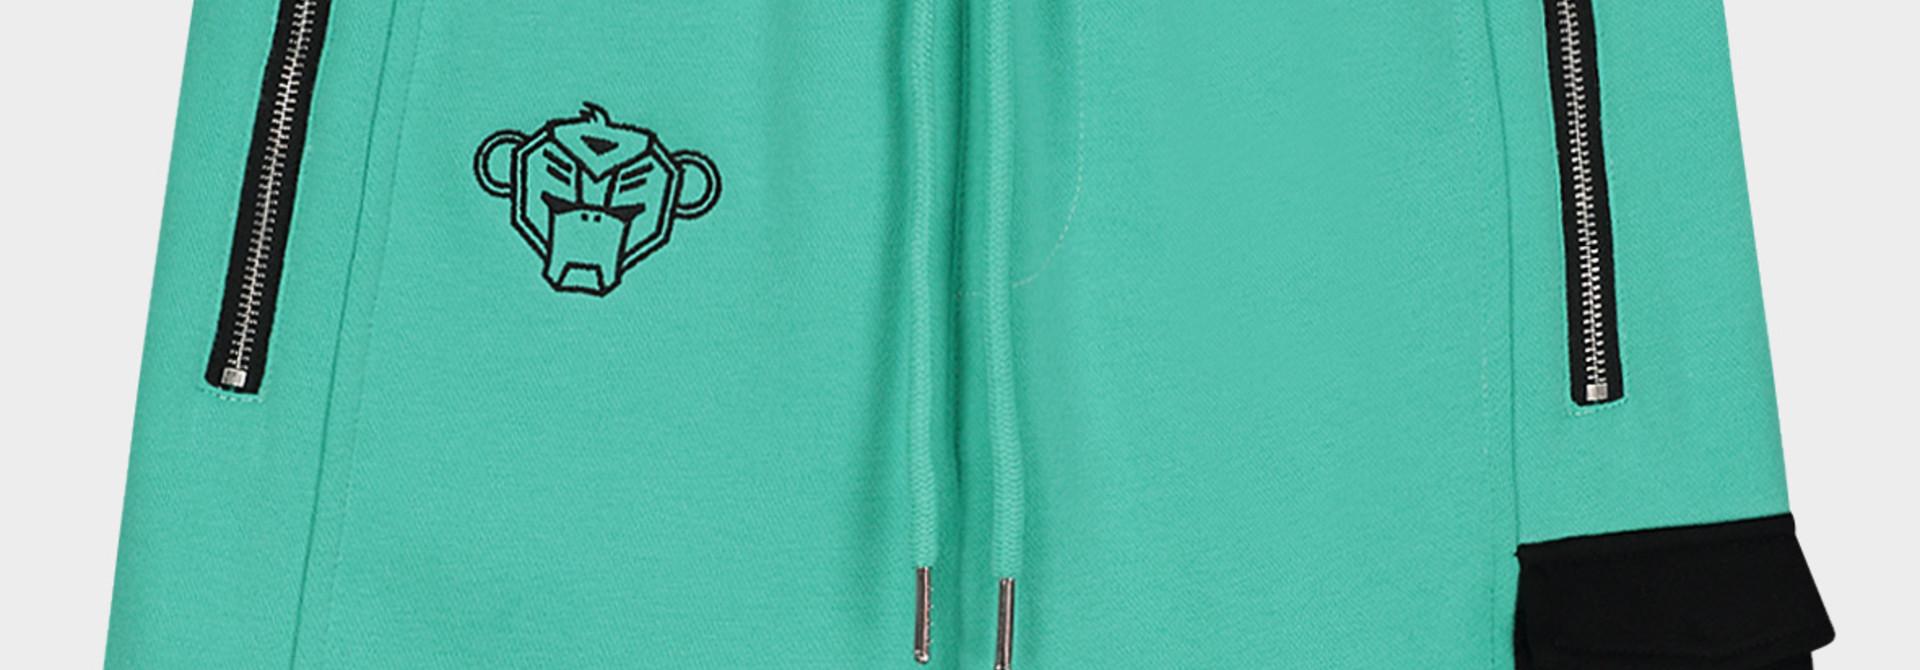 Jr. Contrast Pocket Short Aqua